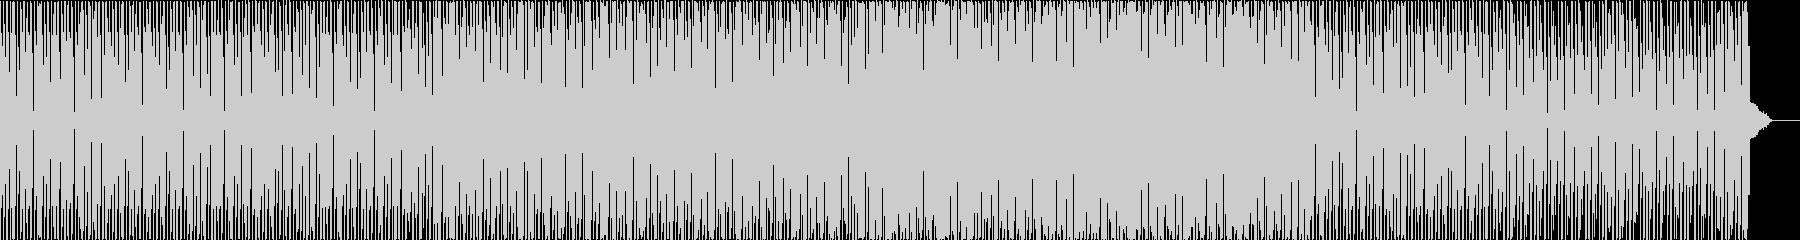 コミカルなテクノ ディスコ ホラーの未再生の波形